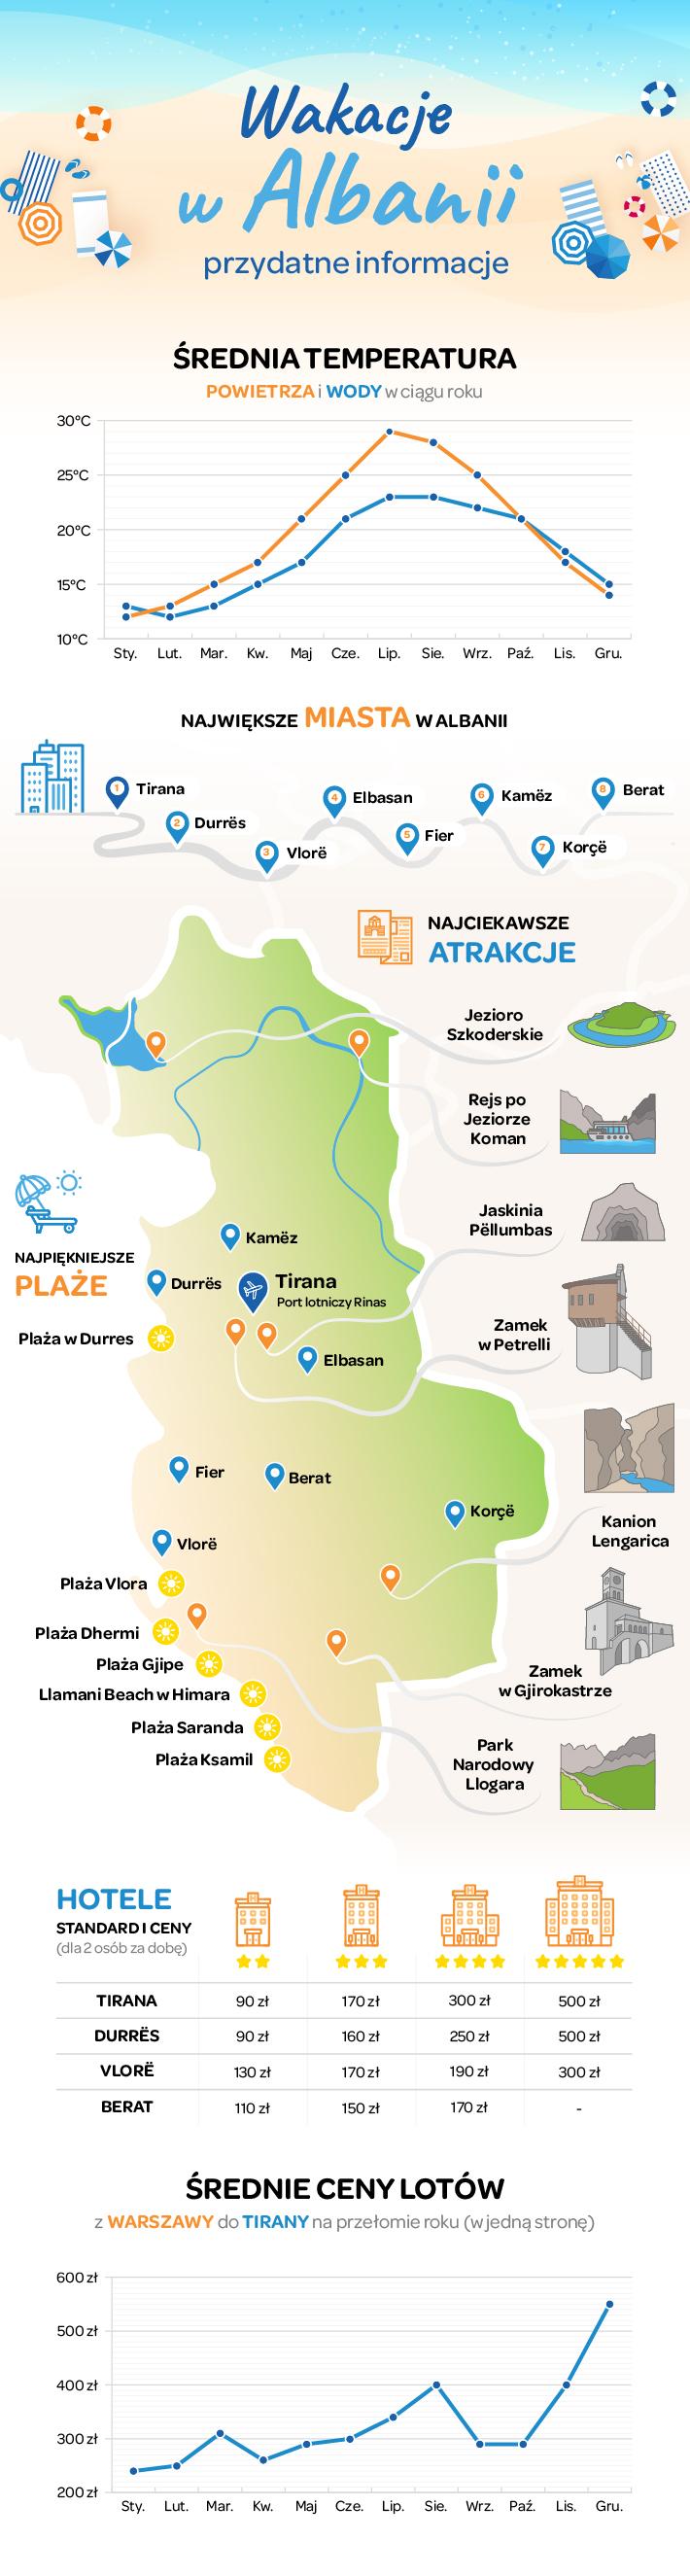 Wakacje w Albanii - infografika